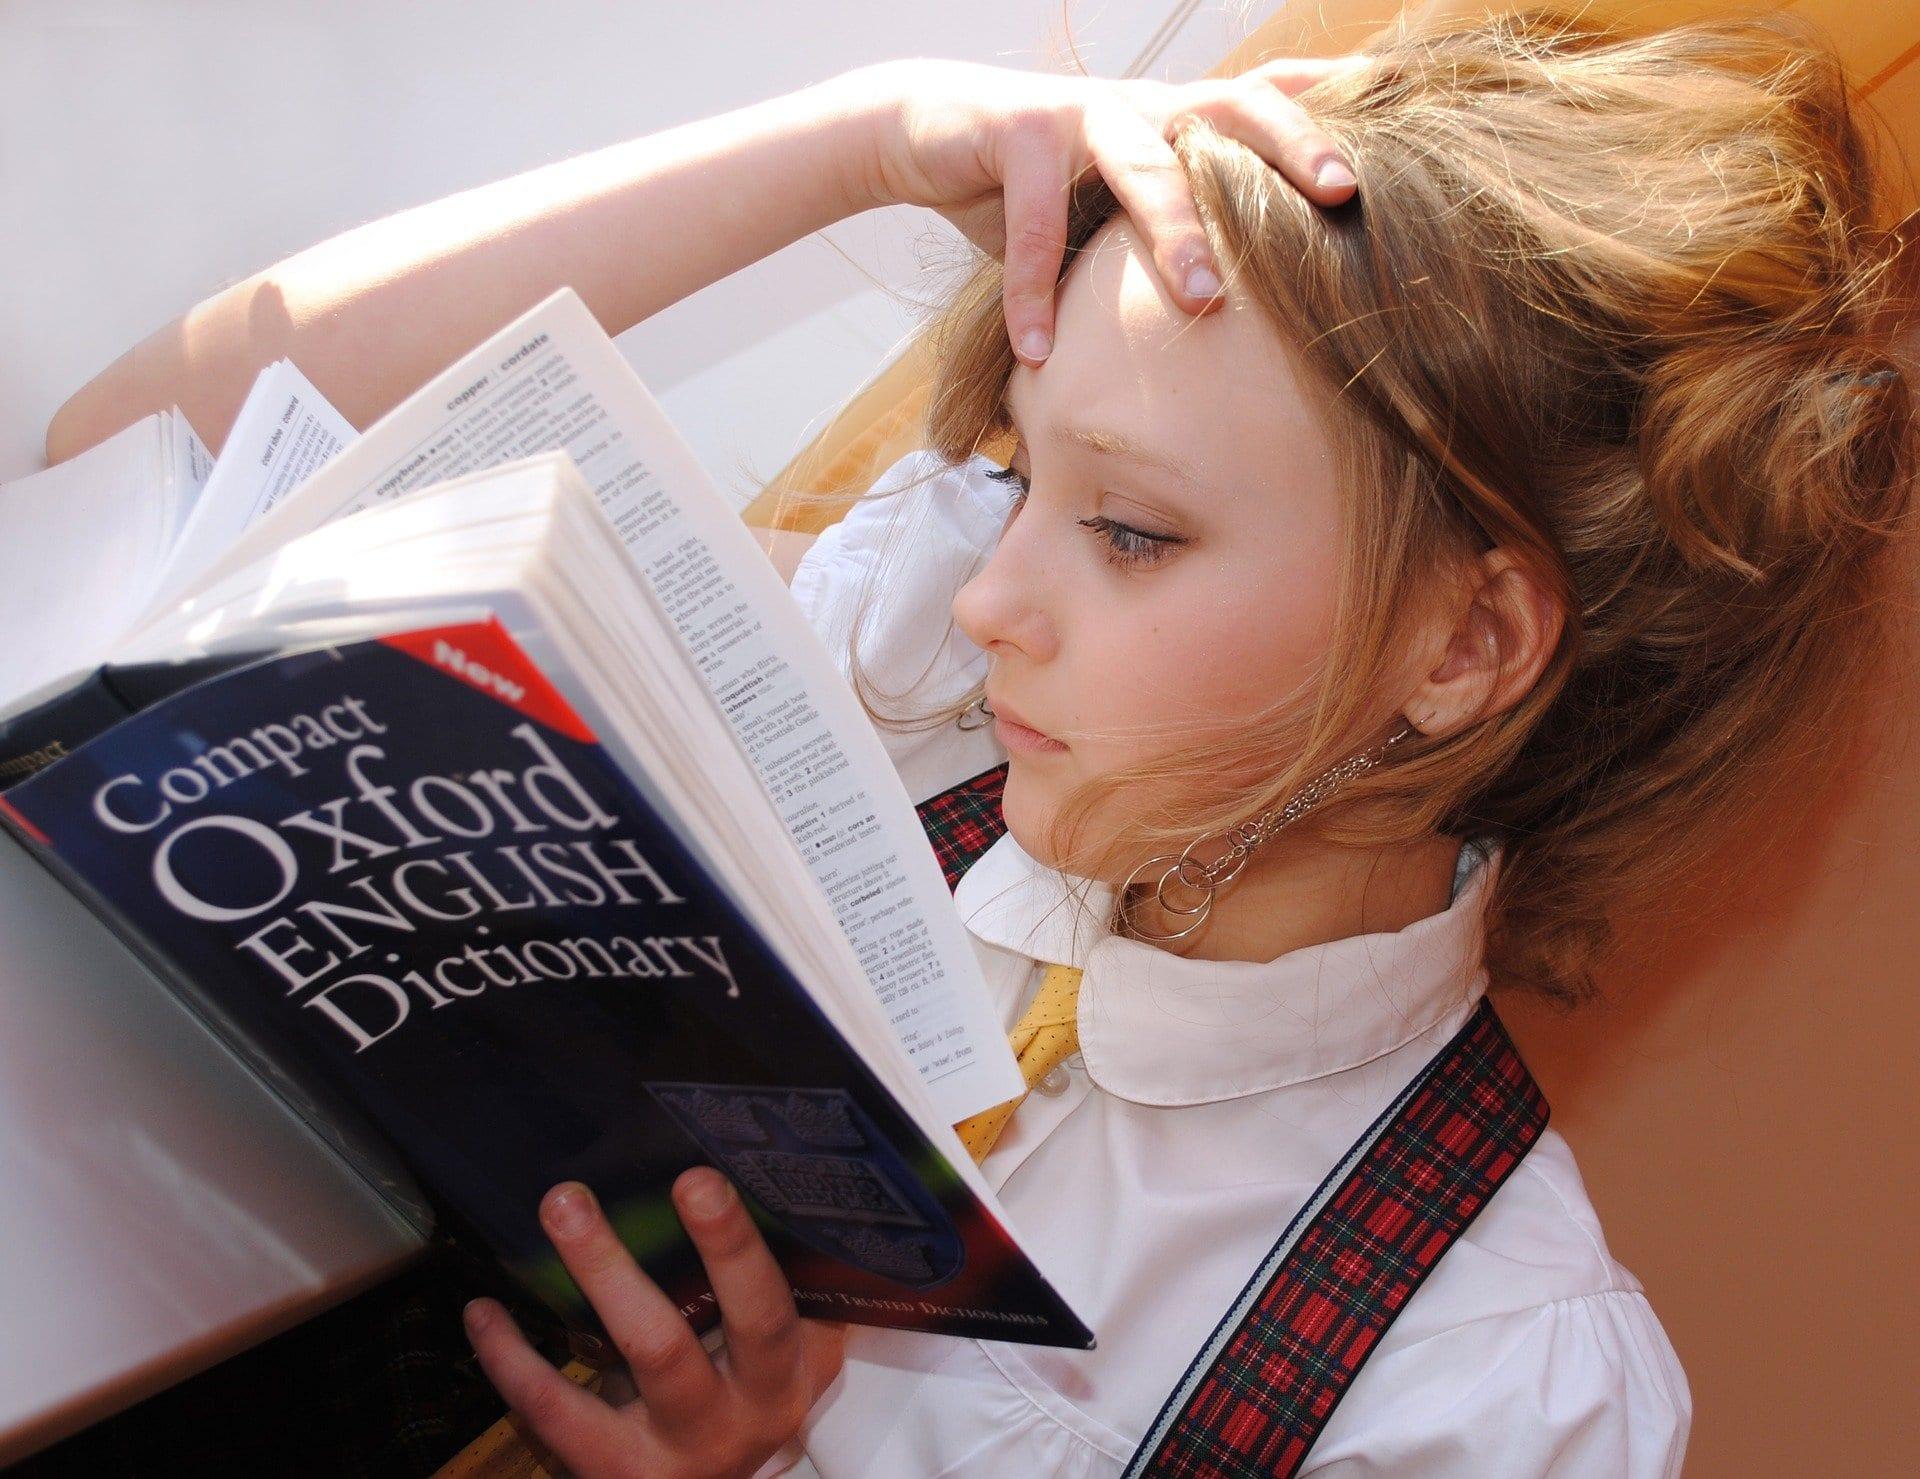 Estudiar inglés solos en casa